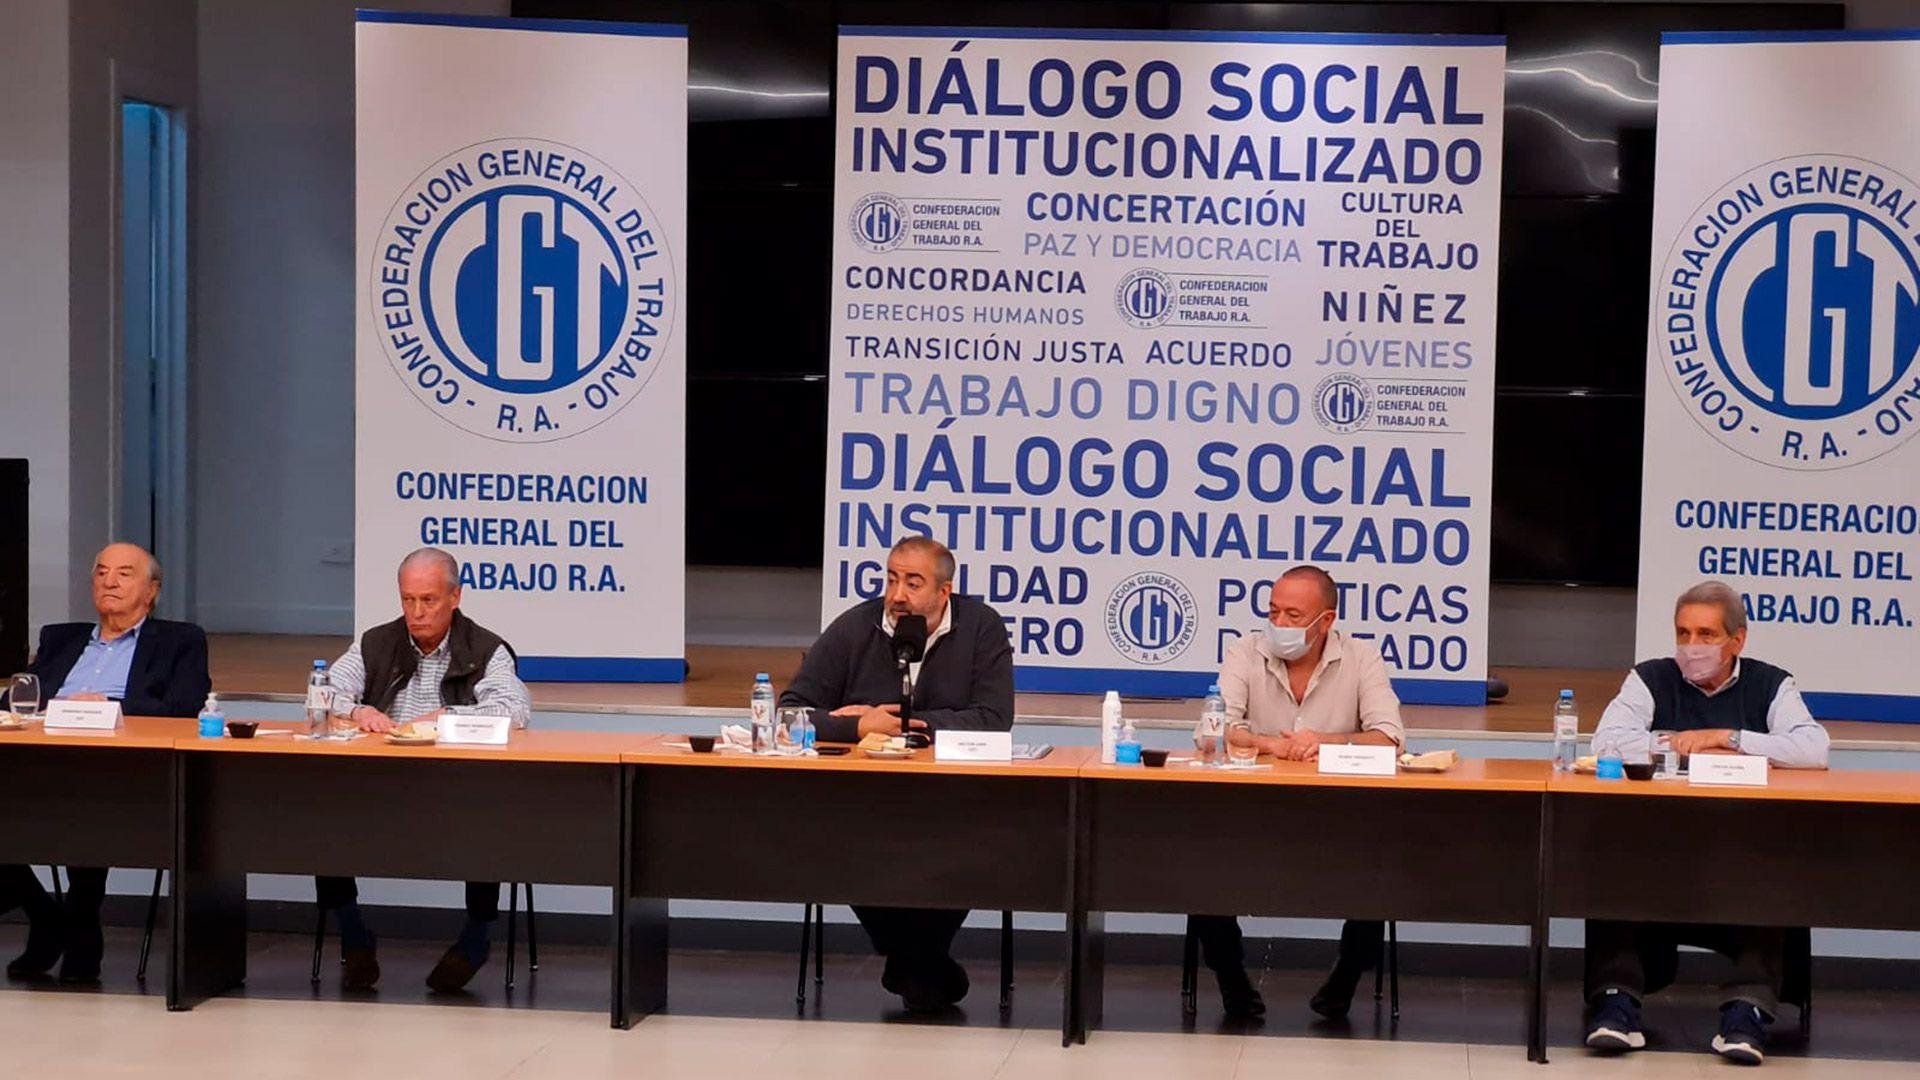 Se reunió el consejo directivo de la CGT en la UOCRA